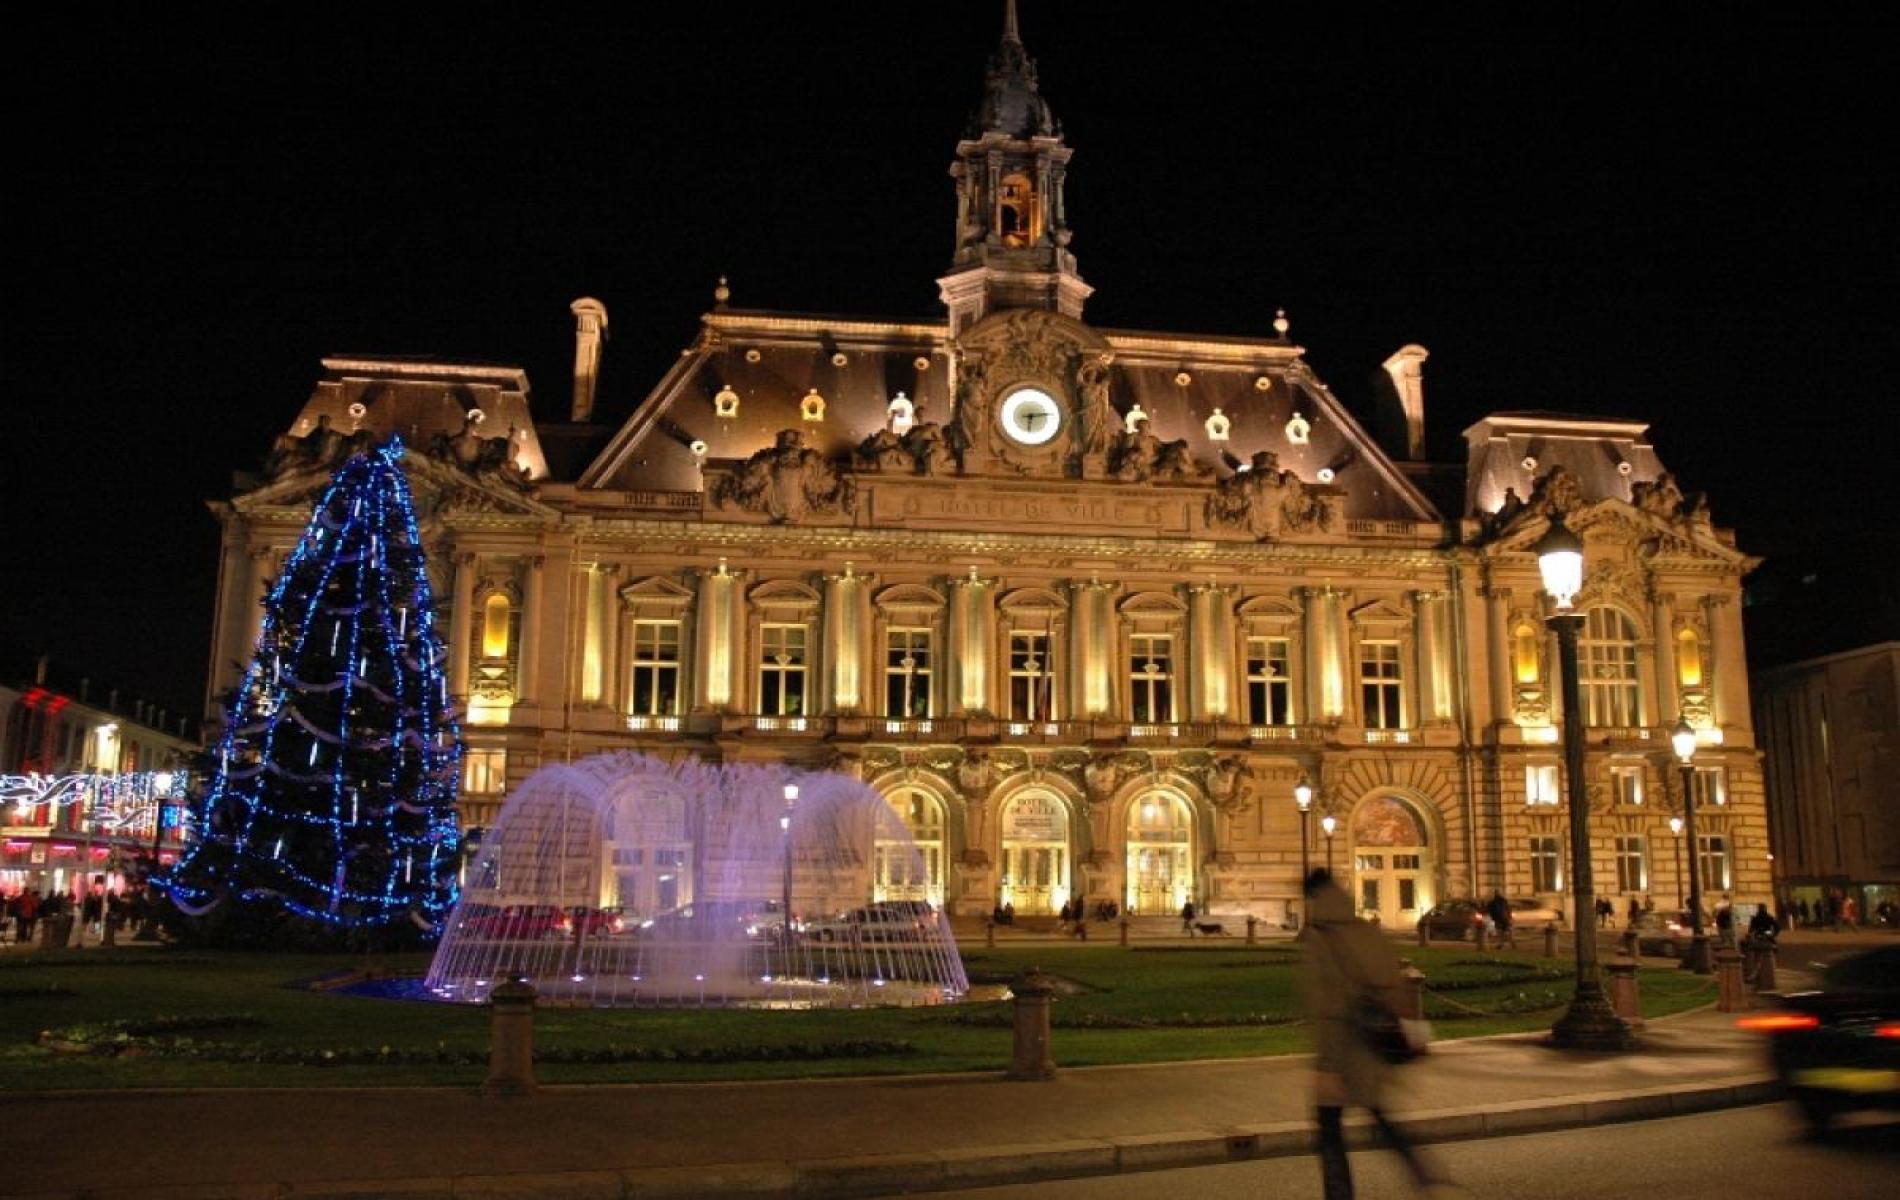 HOTEL DE VILLE DE TOURS - 5 MINUTES A PIED